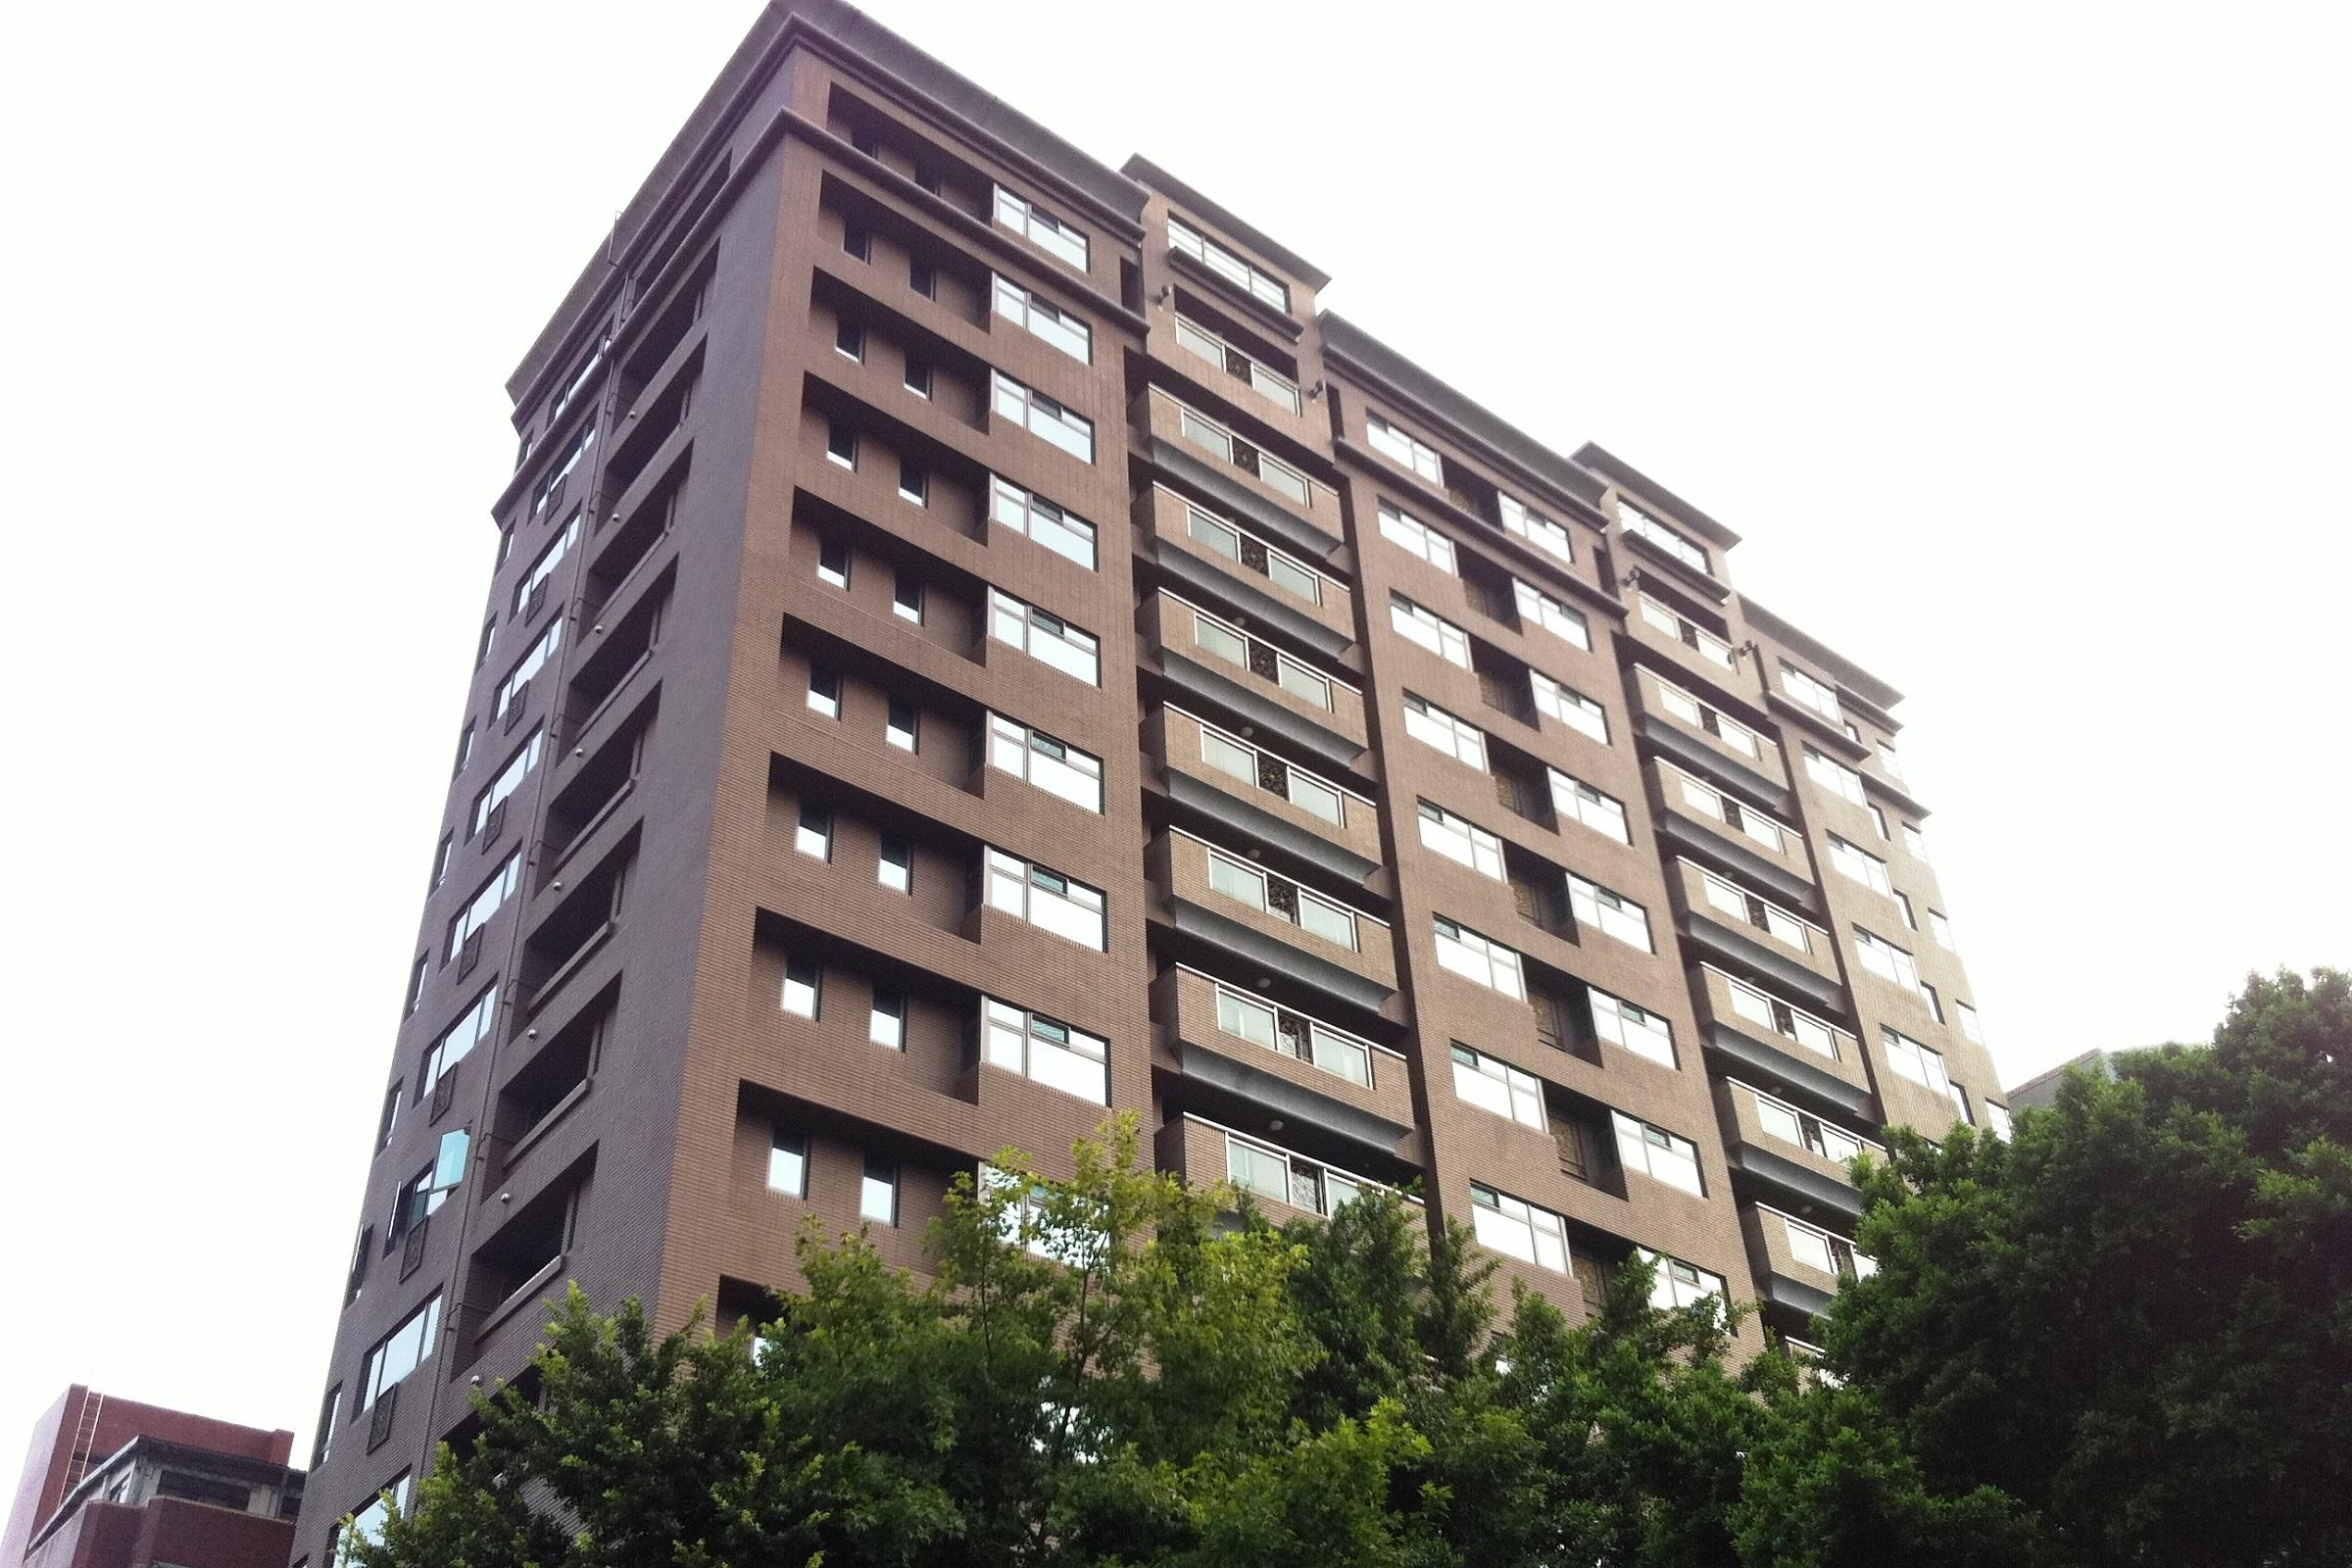 Apartamento para Venda às Artview Court Sec. 4, Ren'ai Rd., Xinyi Dist. Taipei City, 110 Taiwan